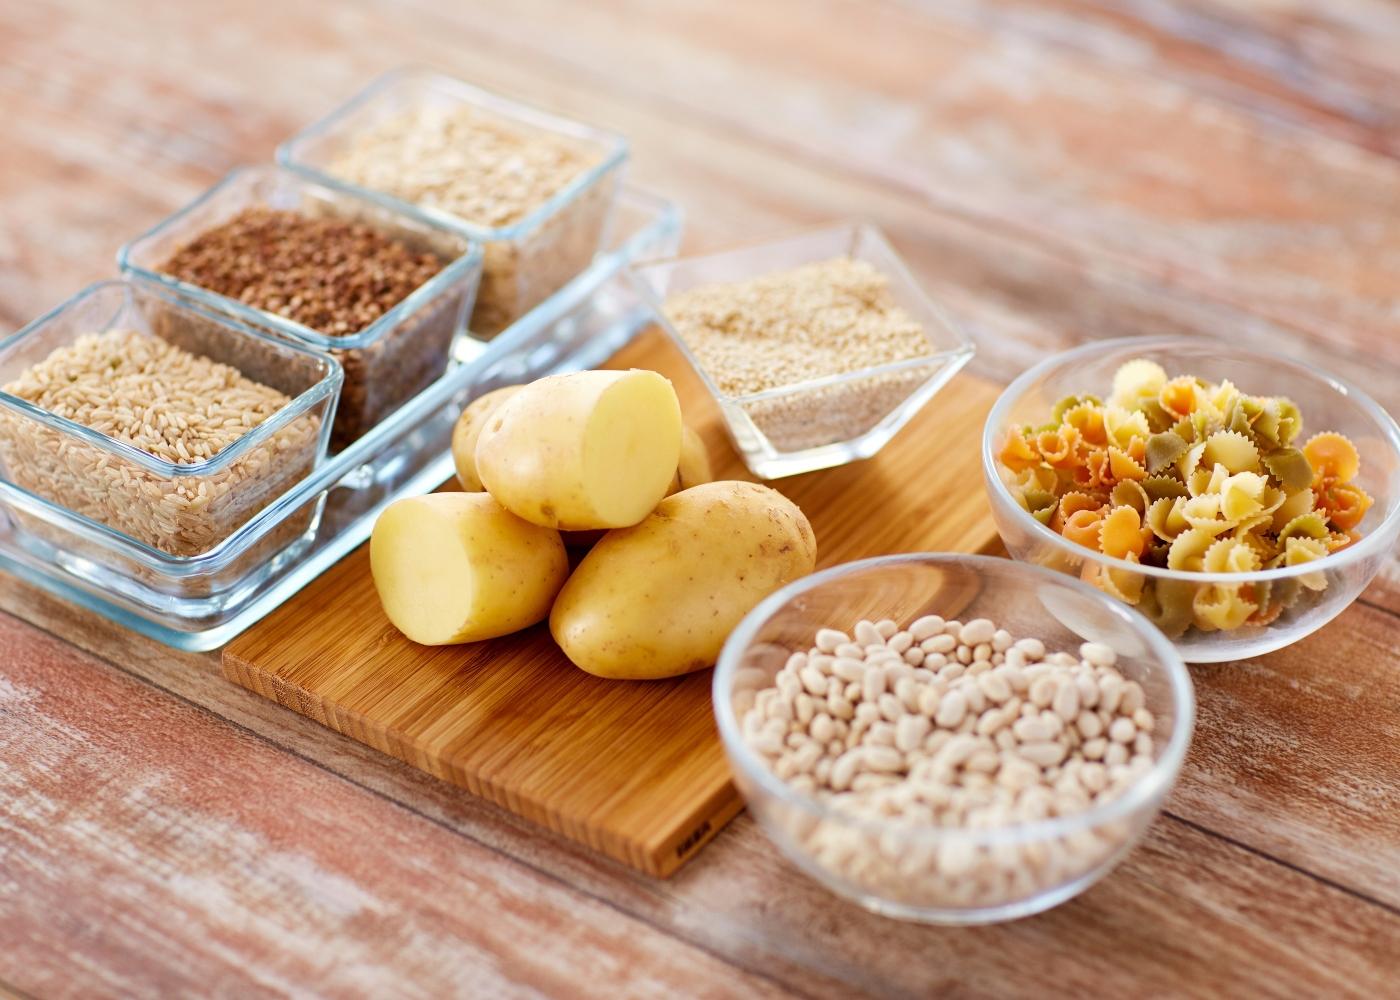 Variedade de alimentos ricos em hidratos